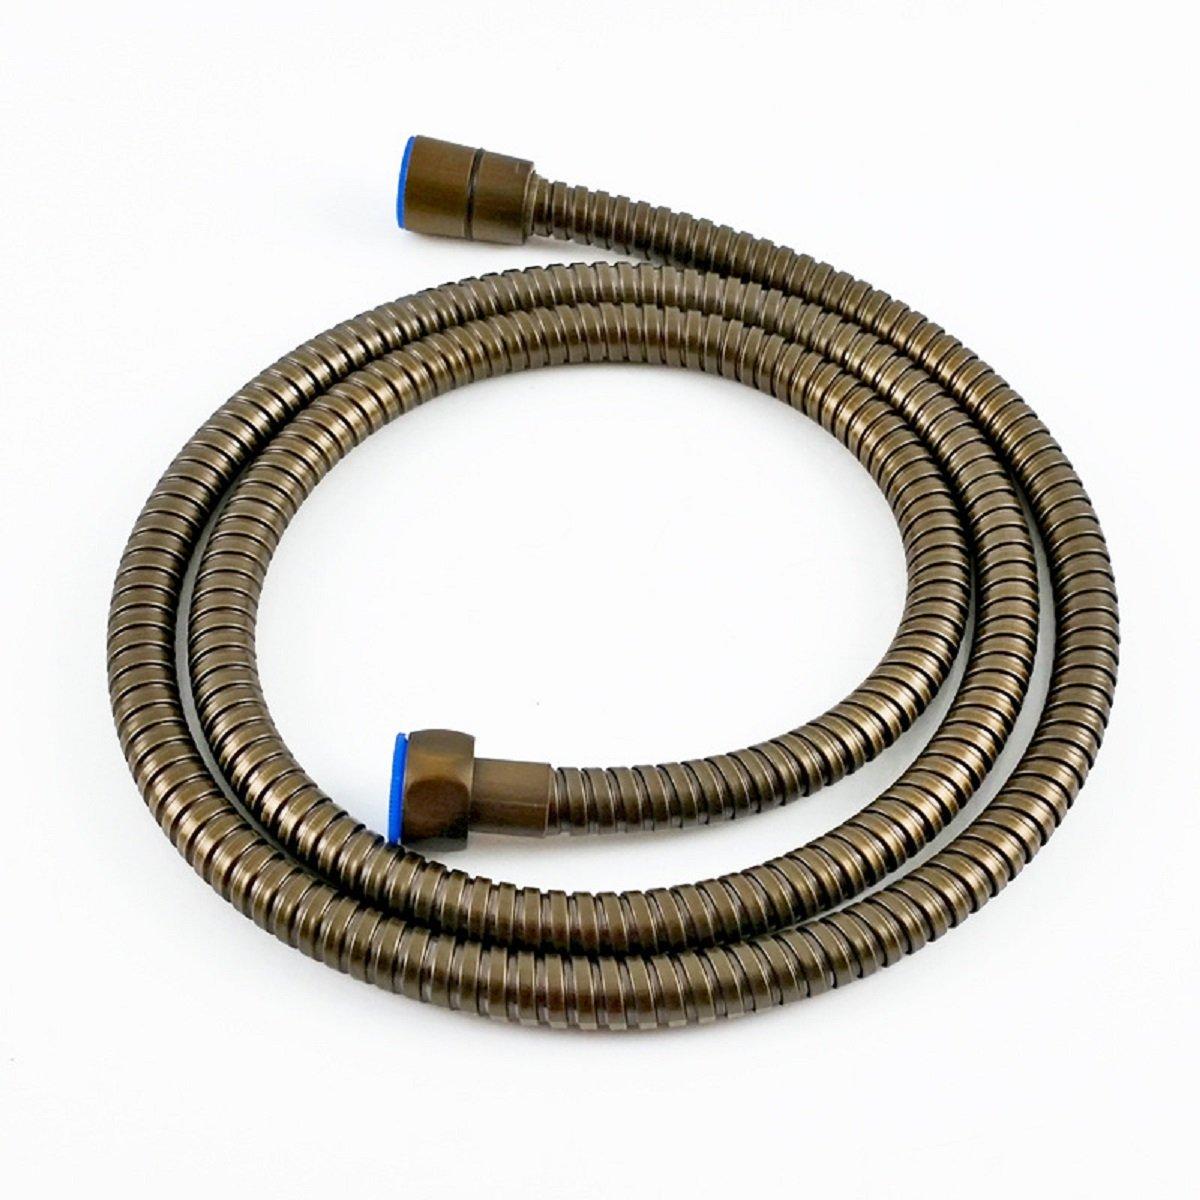 Tubo flessibile per doccia, in acciaio INOX, 1.5 m, tubo flessibile Handheld doccia tubo, bronzo 1.5m baogu